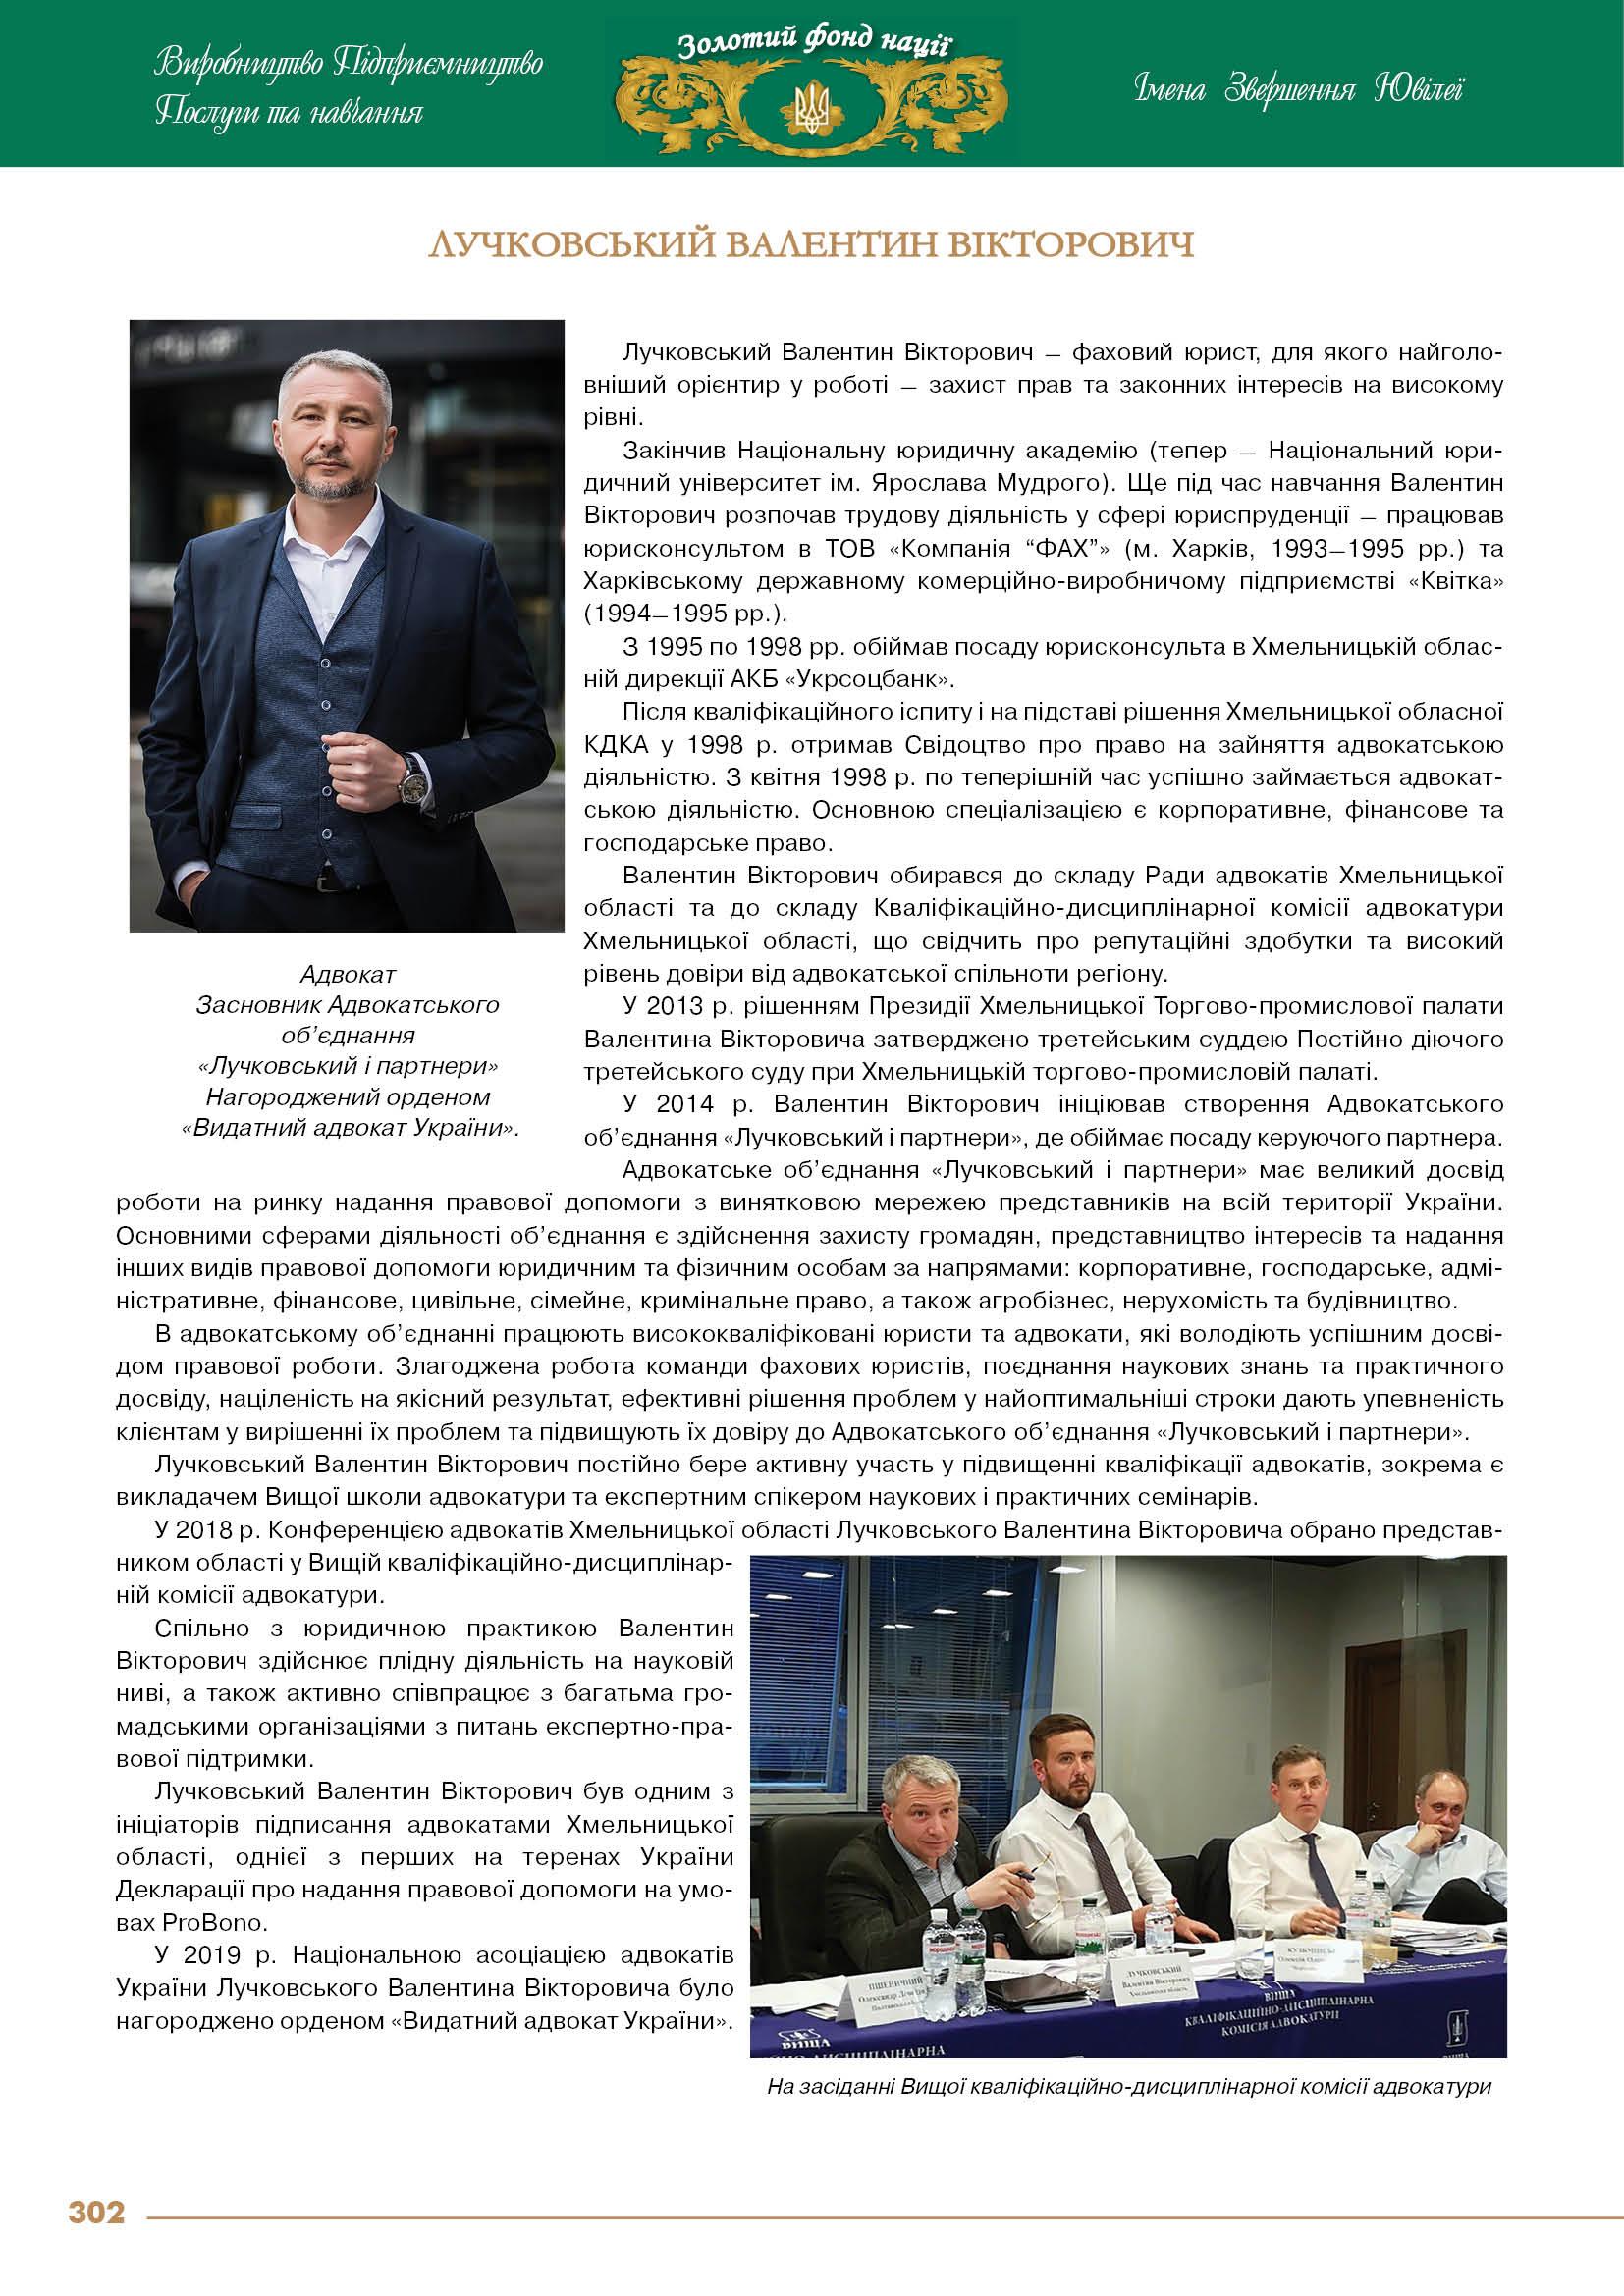 Лучковський Валентин Вікторович